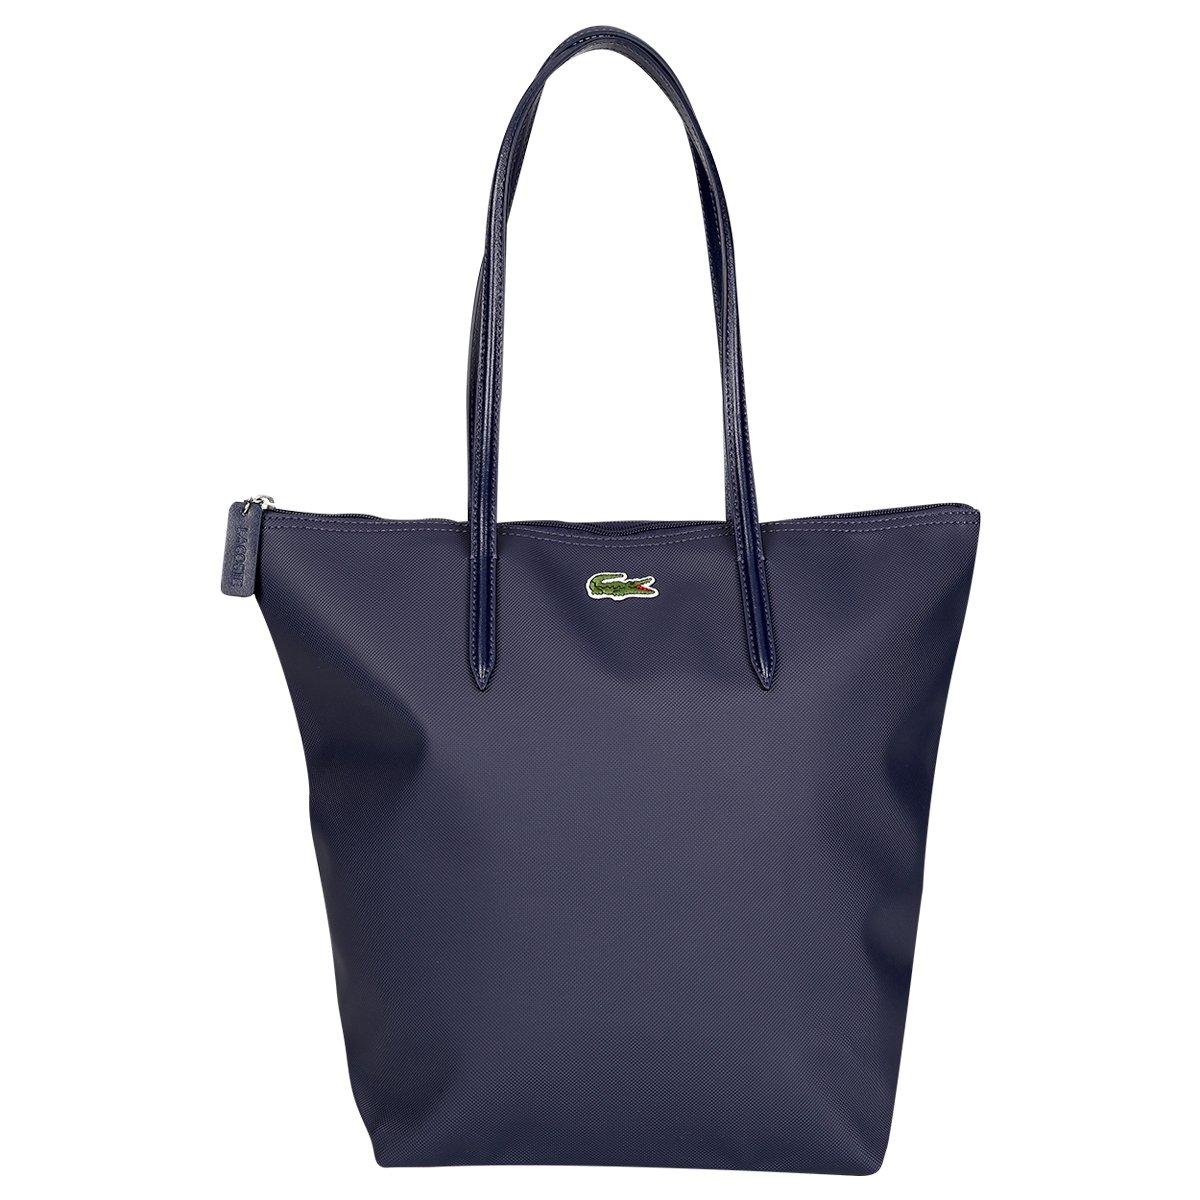 Bolsa Lacoste Shopper - Compre Agora   Netshoes 4abf410ebf